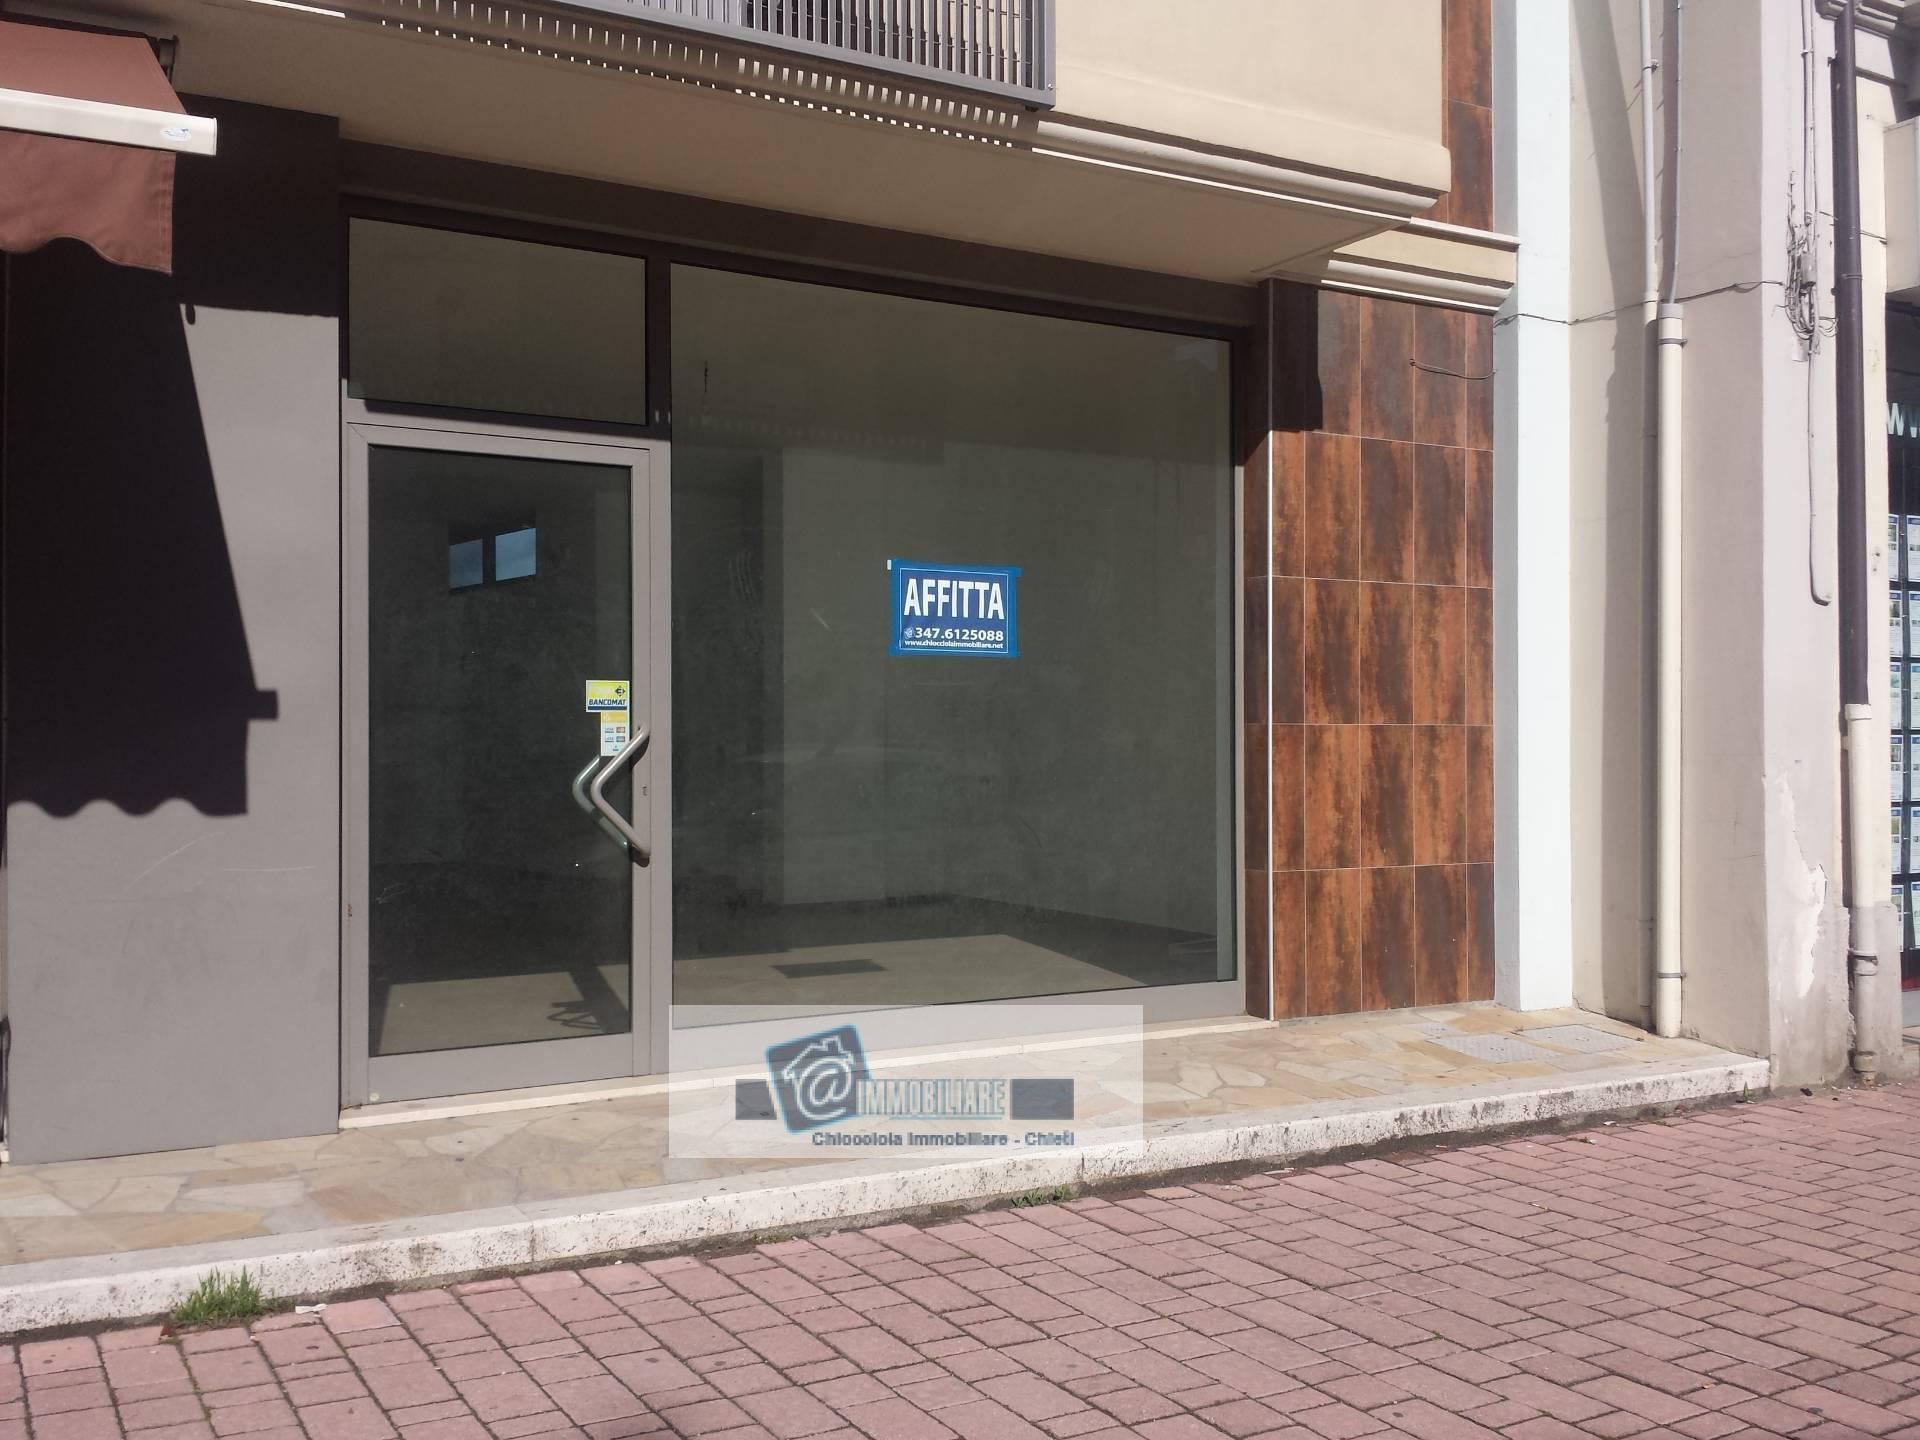 Negozio / Locale in affitto a Chieti, 9999 locali, zona Zona: Stazione, prezzo € 1.250 | CambioCasa.it